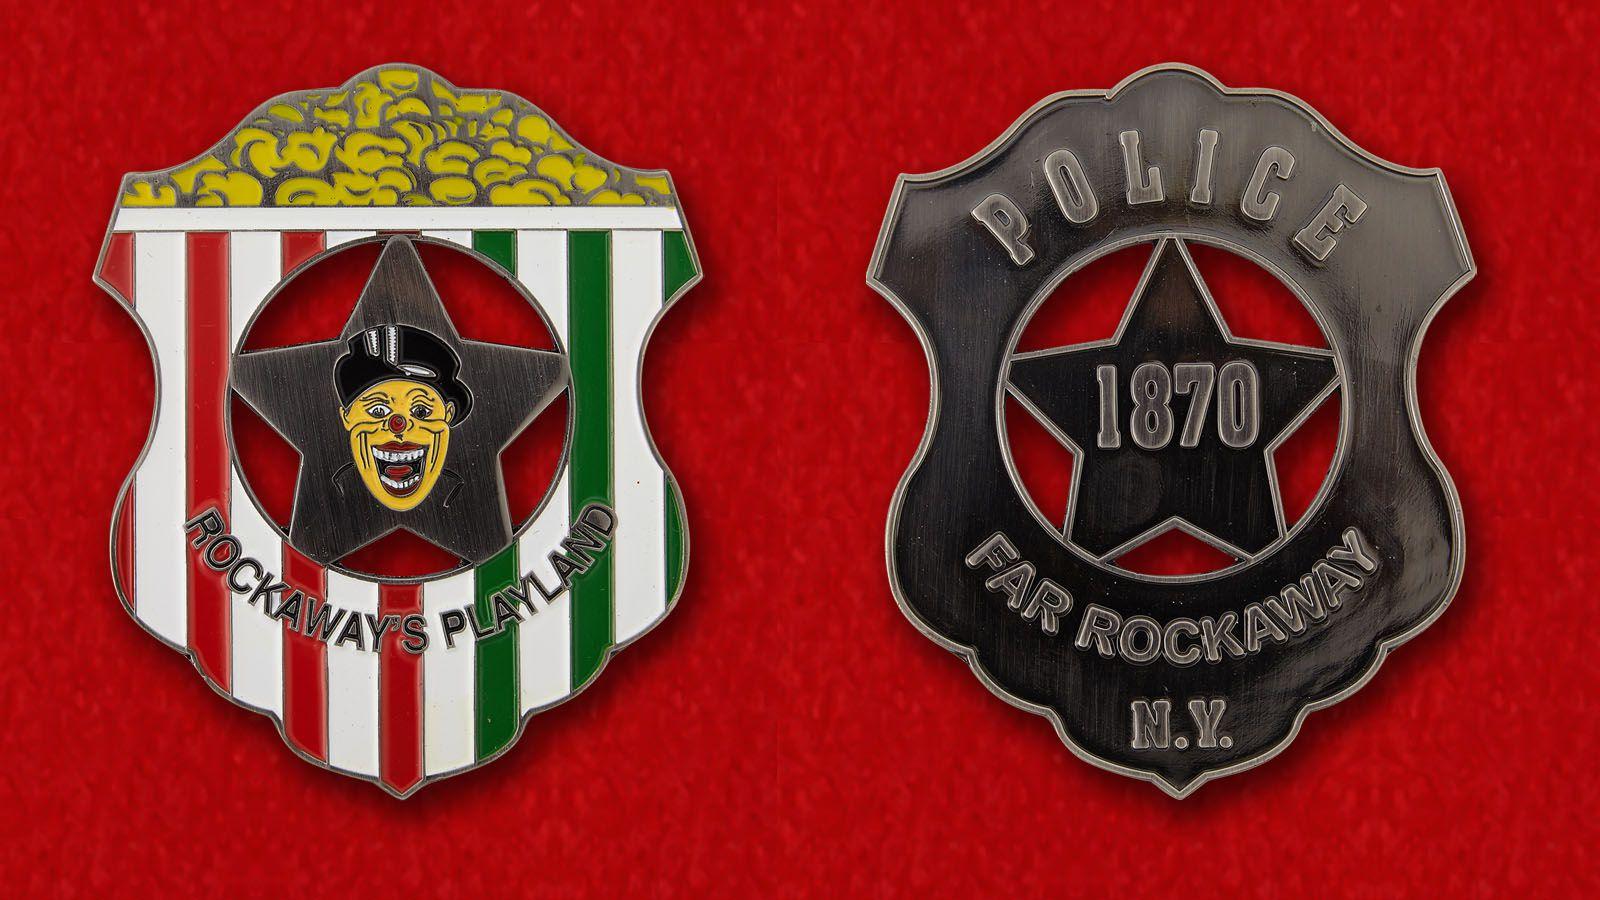 Челлендж коин полиции Плейленда, Рокуэй, Нью-Йорк - аверс и реверс